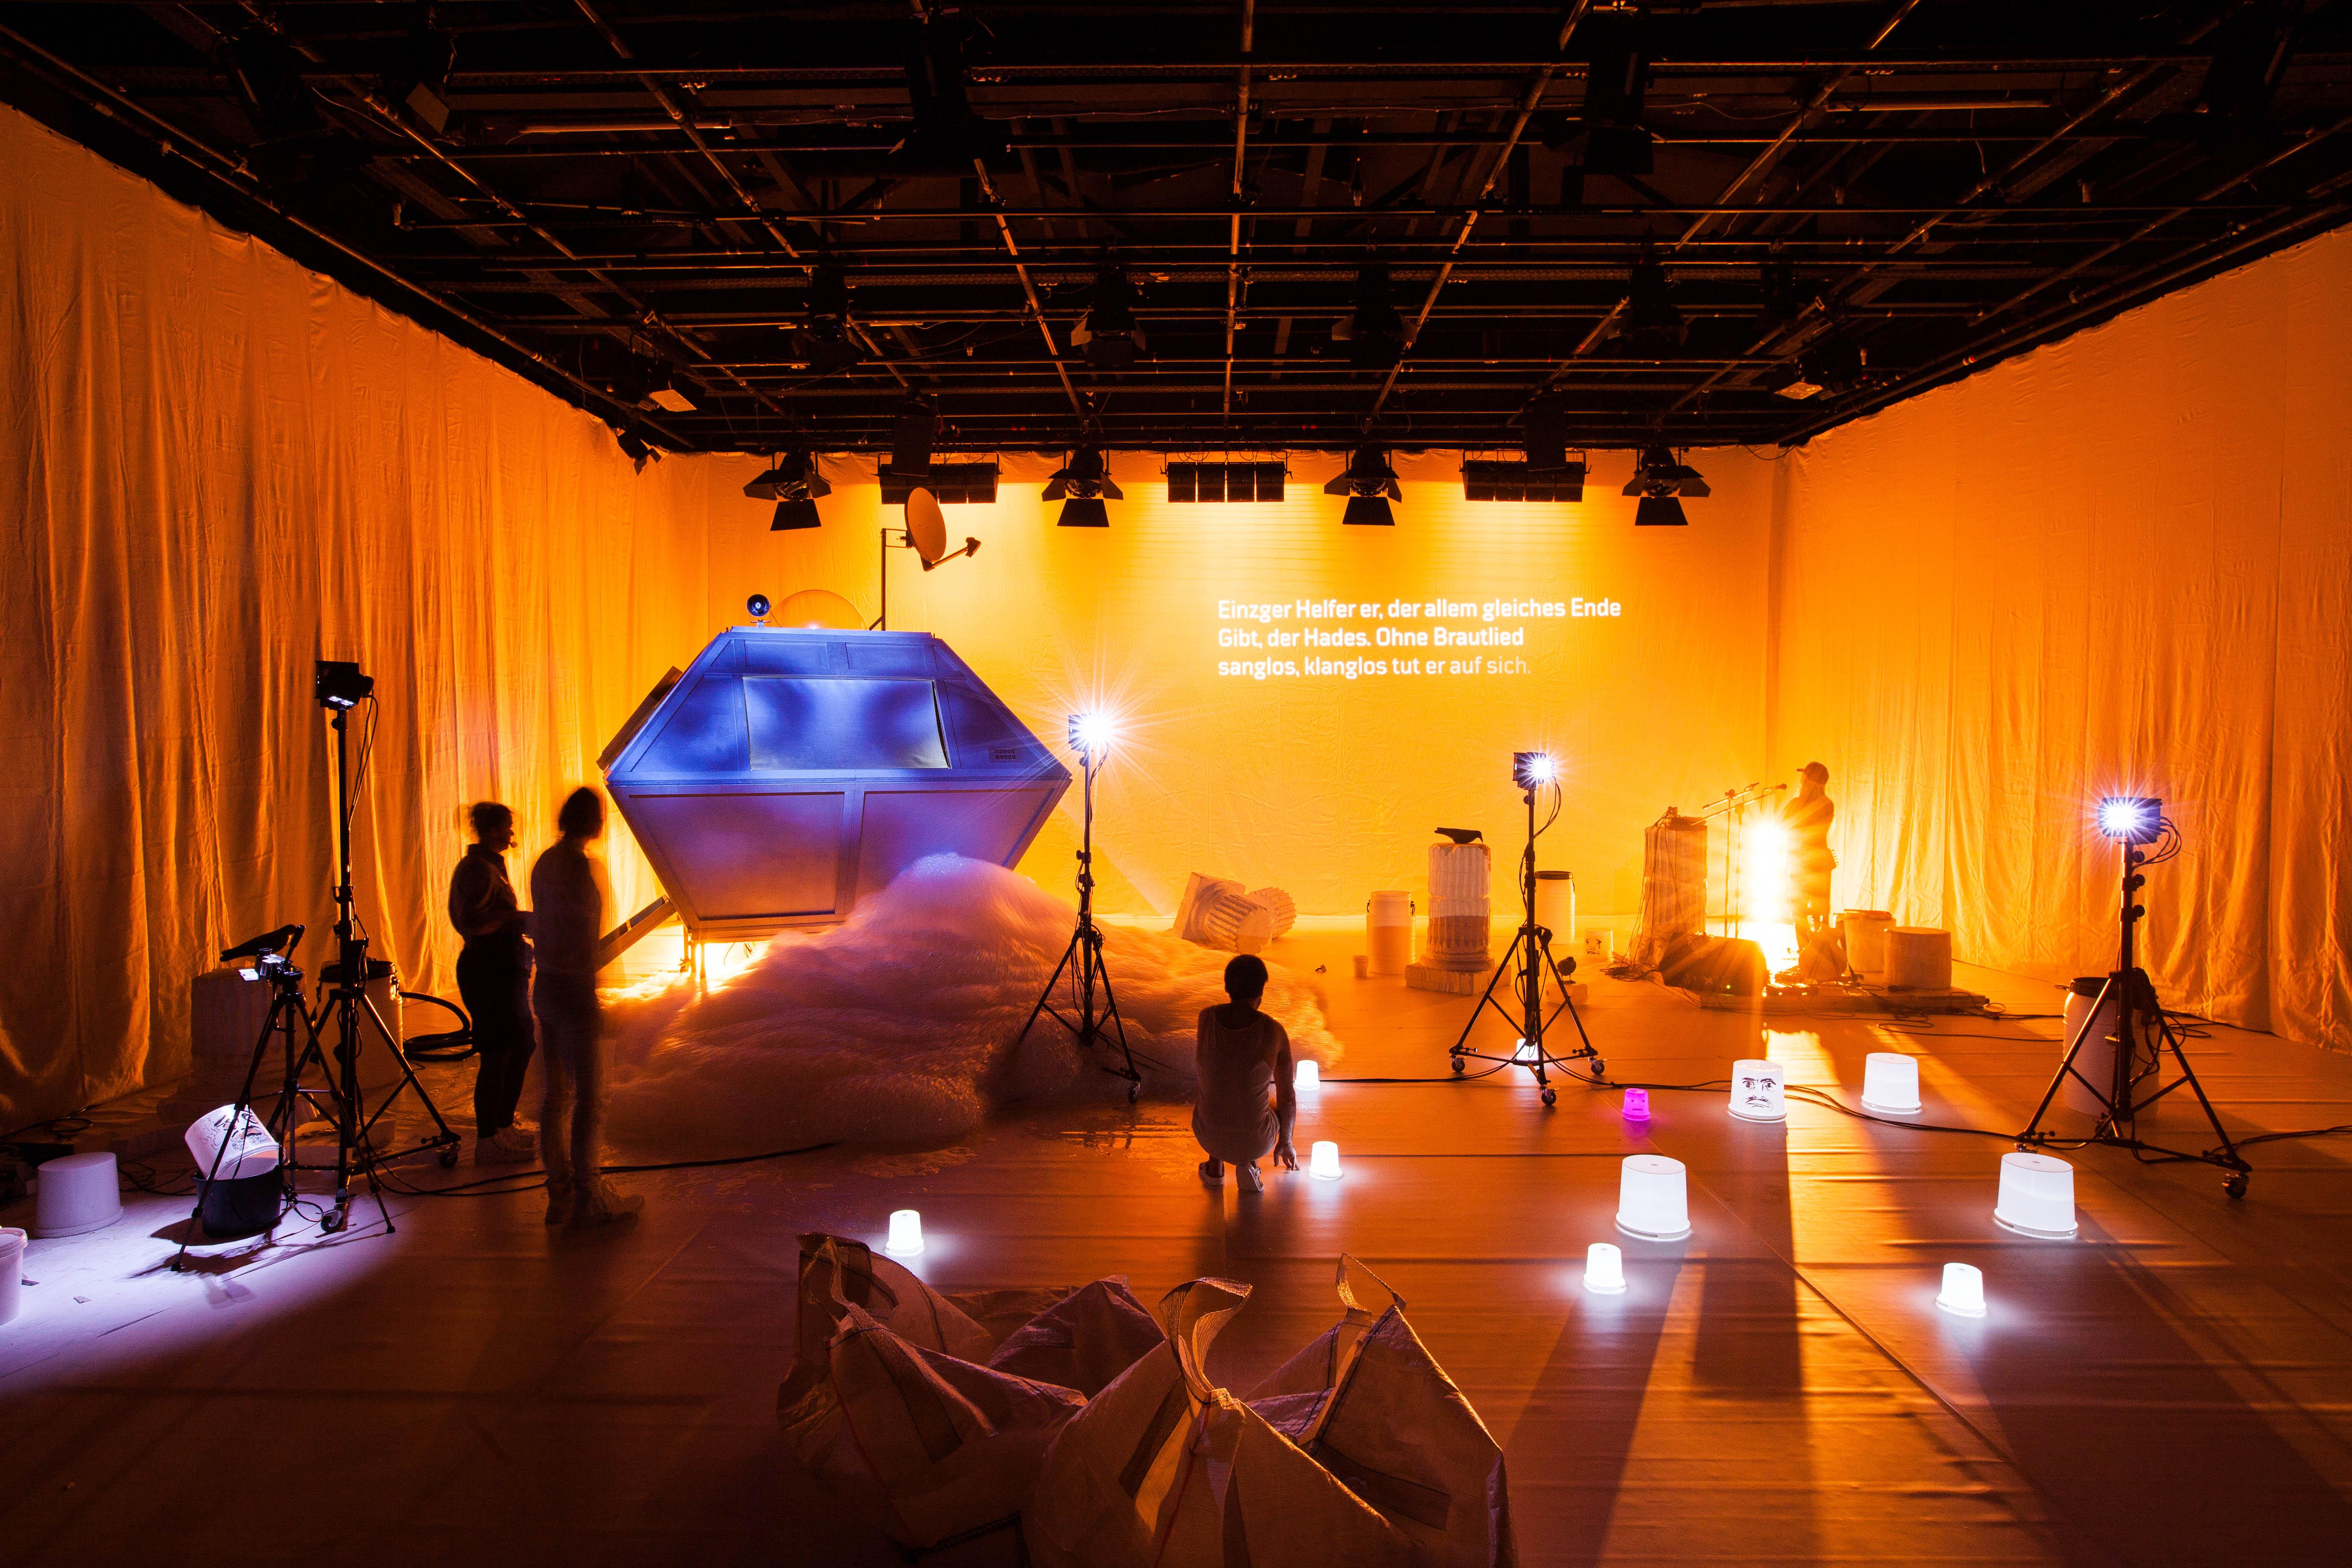 #Projektraum - Dunkle Materie. Notizen zur Blindheit